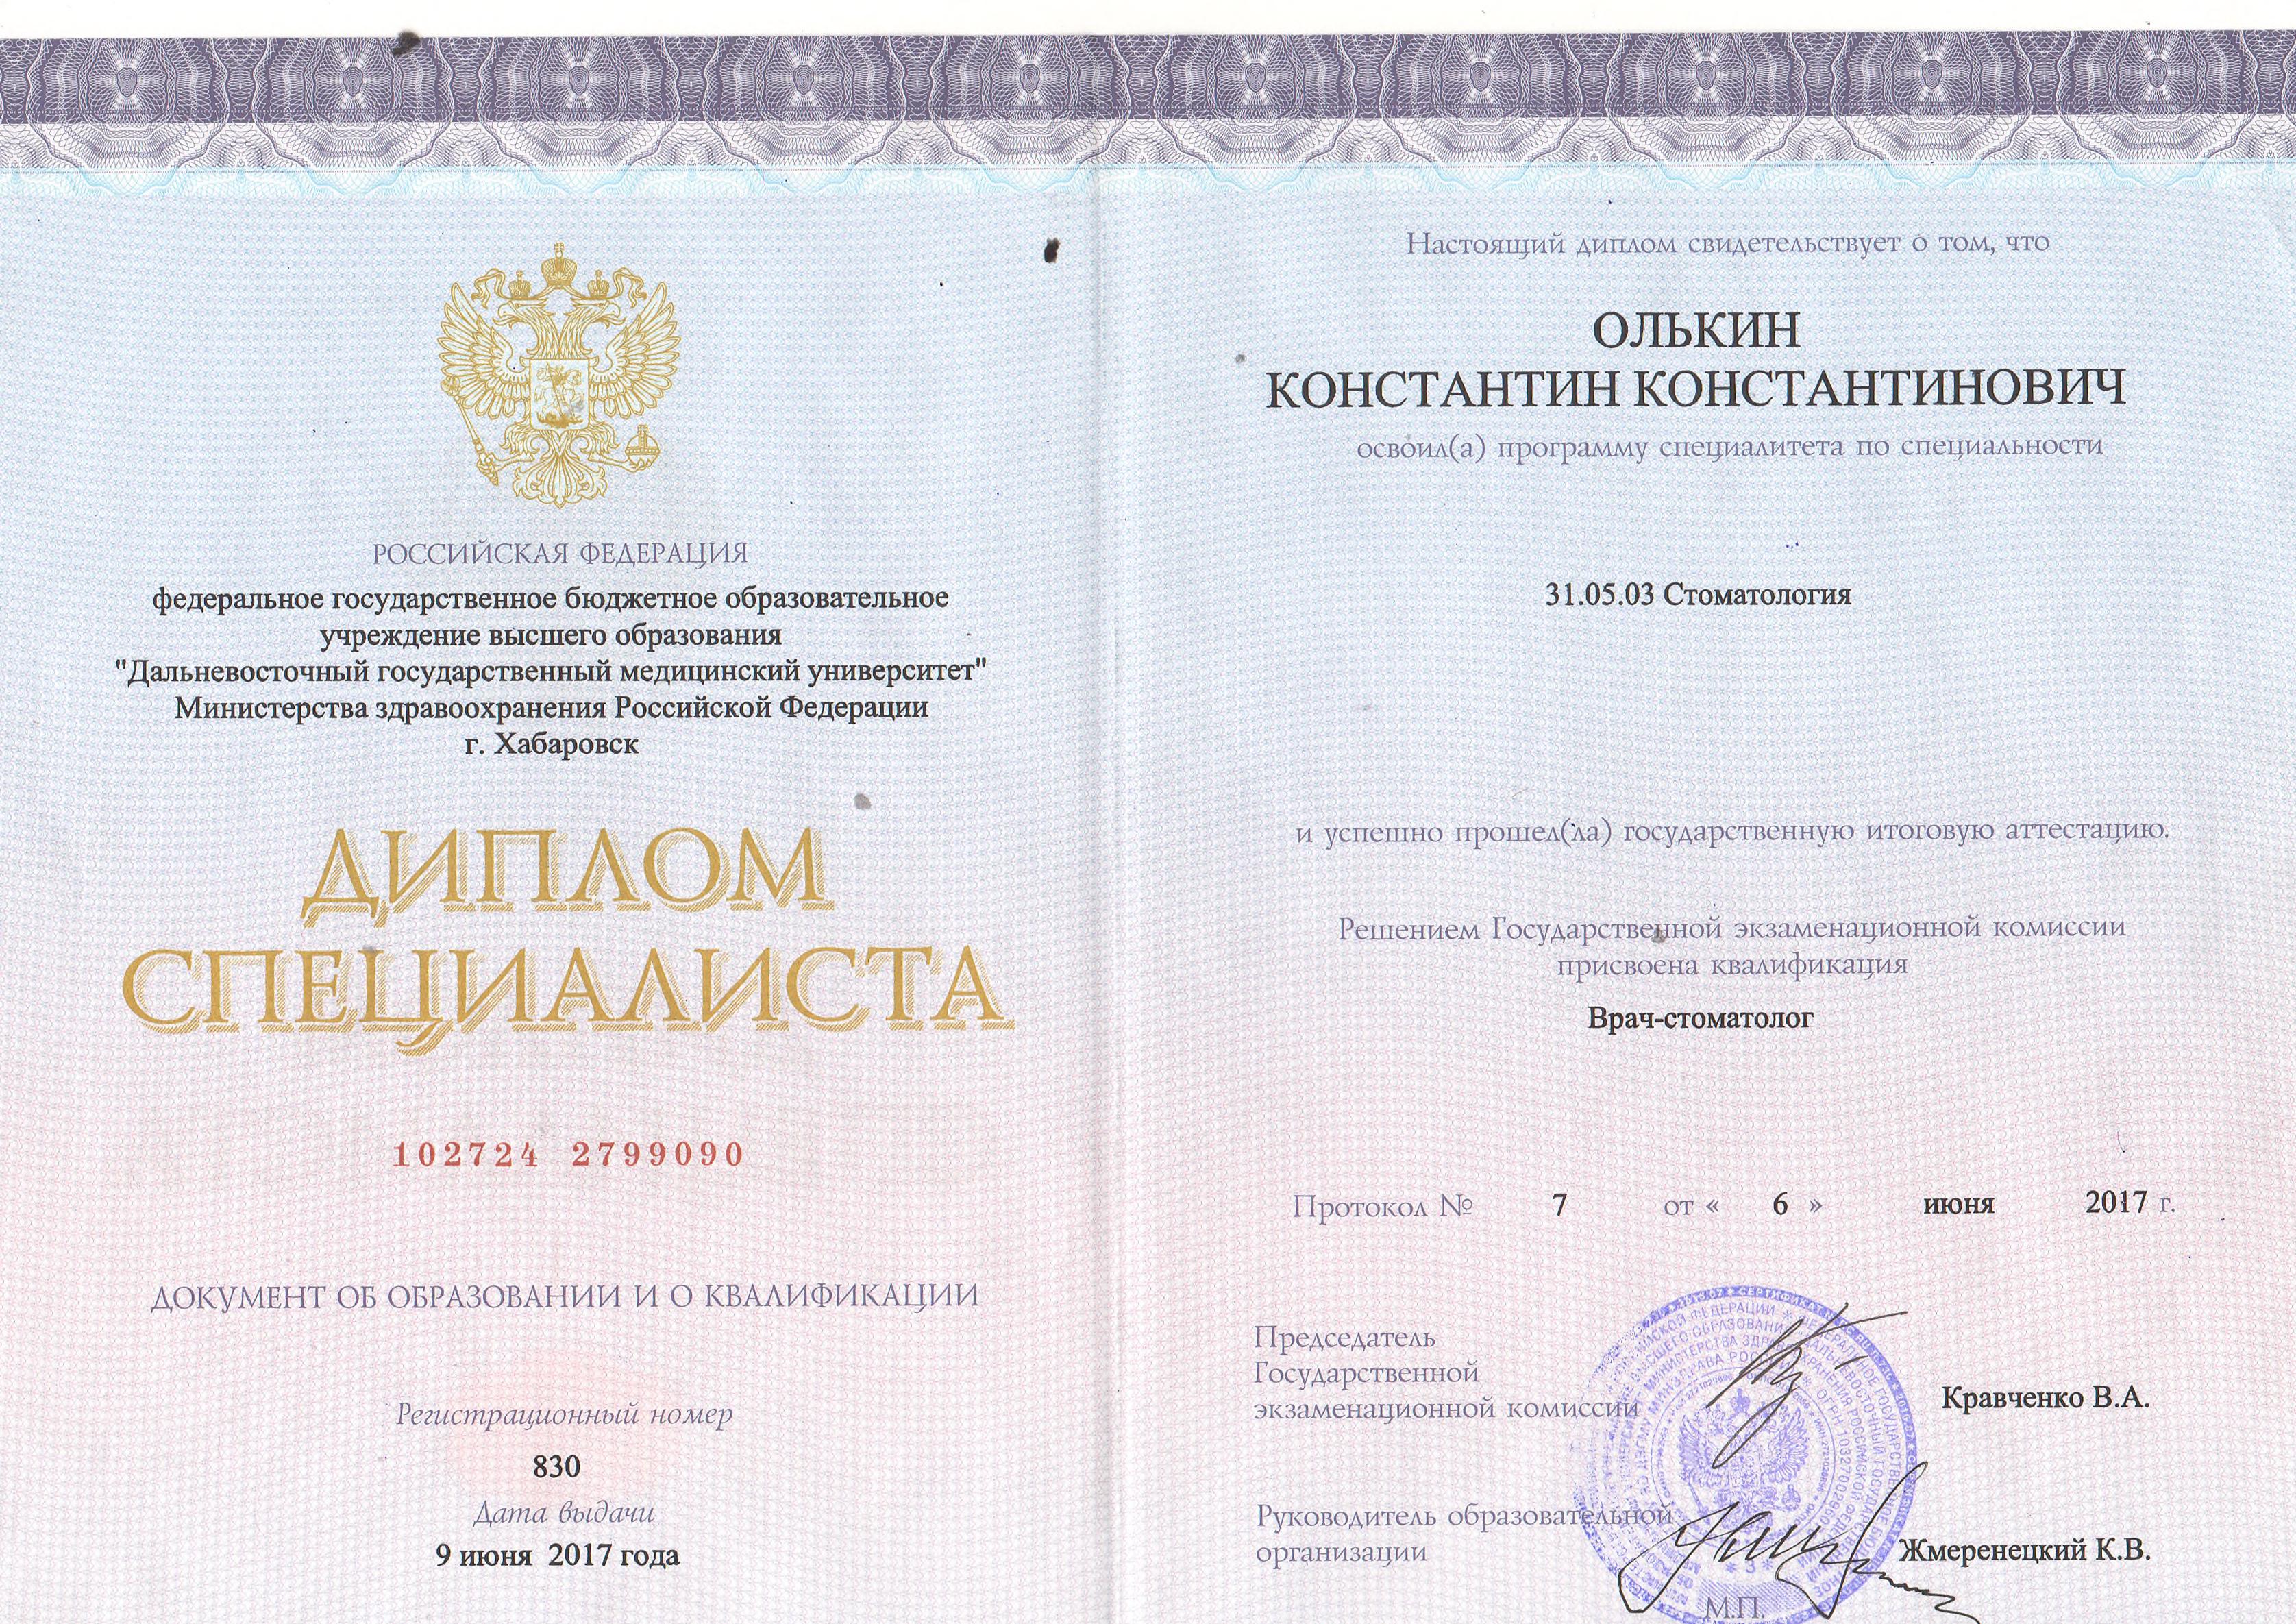 диплом Олькин